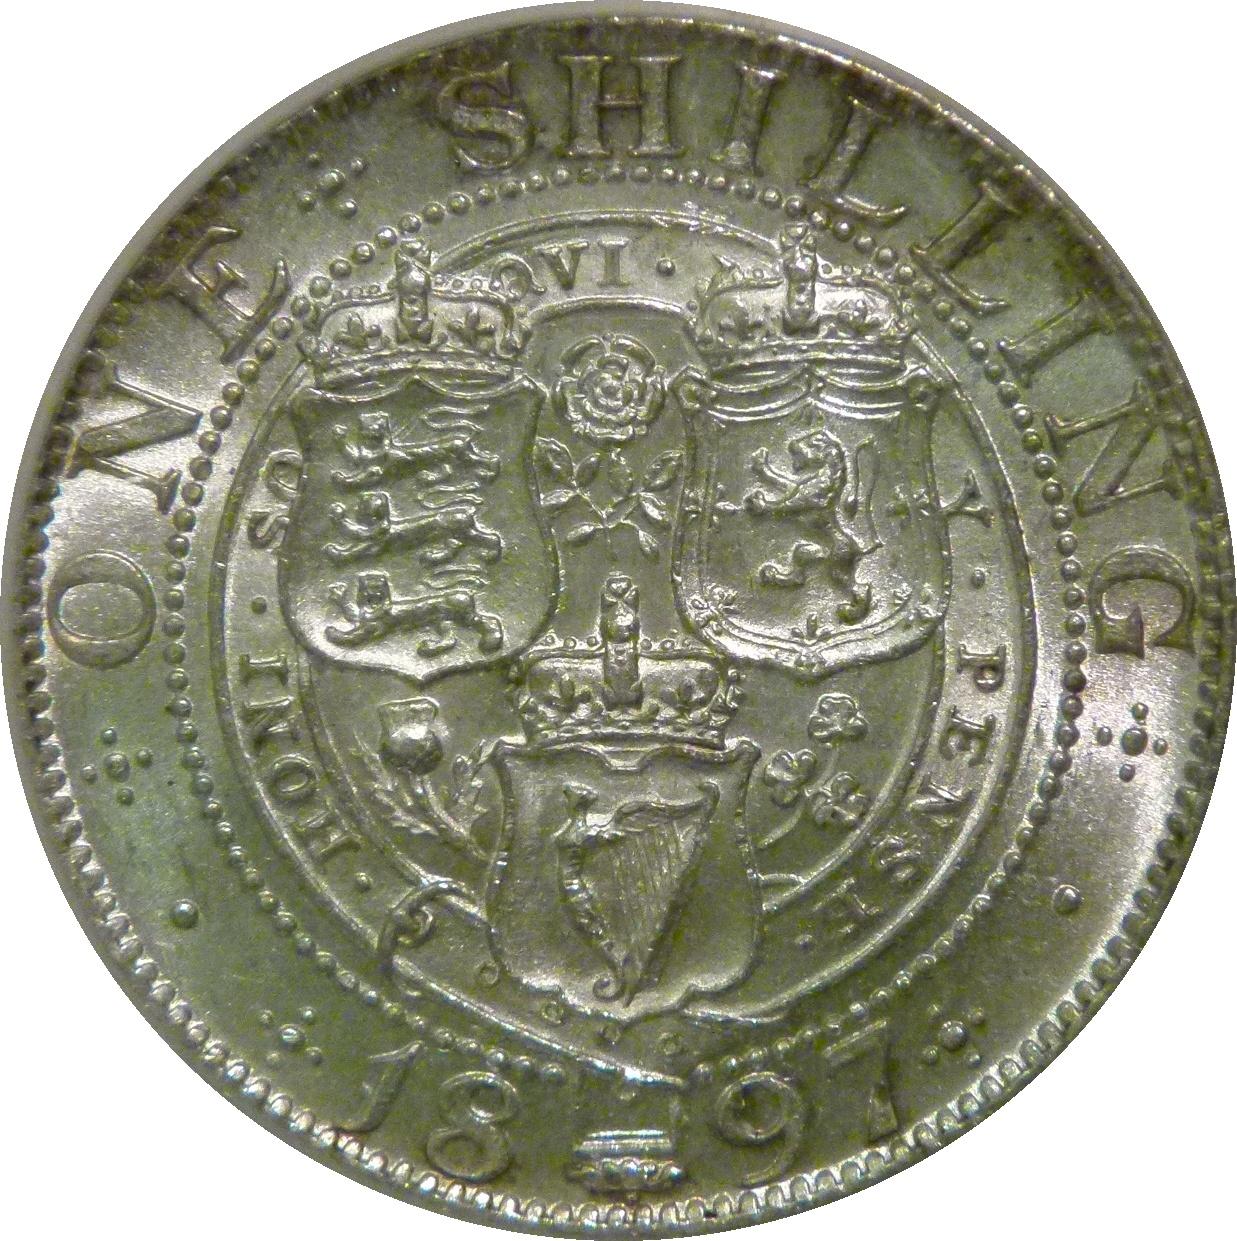 1897 Shilling, CGS 70(MS 60-61), aUNC,,  ESC 1366, UIN 30694